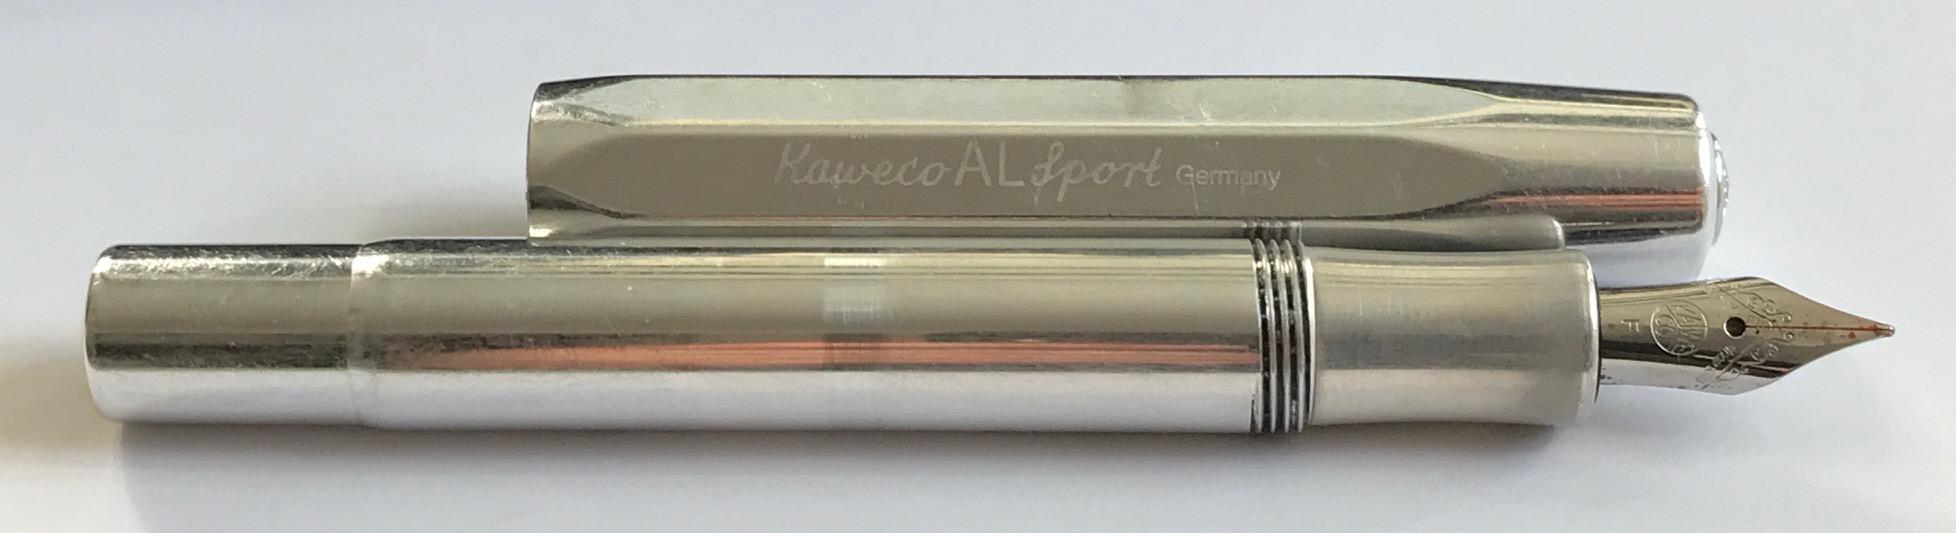 fpn_1541191863__kaweco_al_sport_-_pen_ov